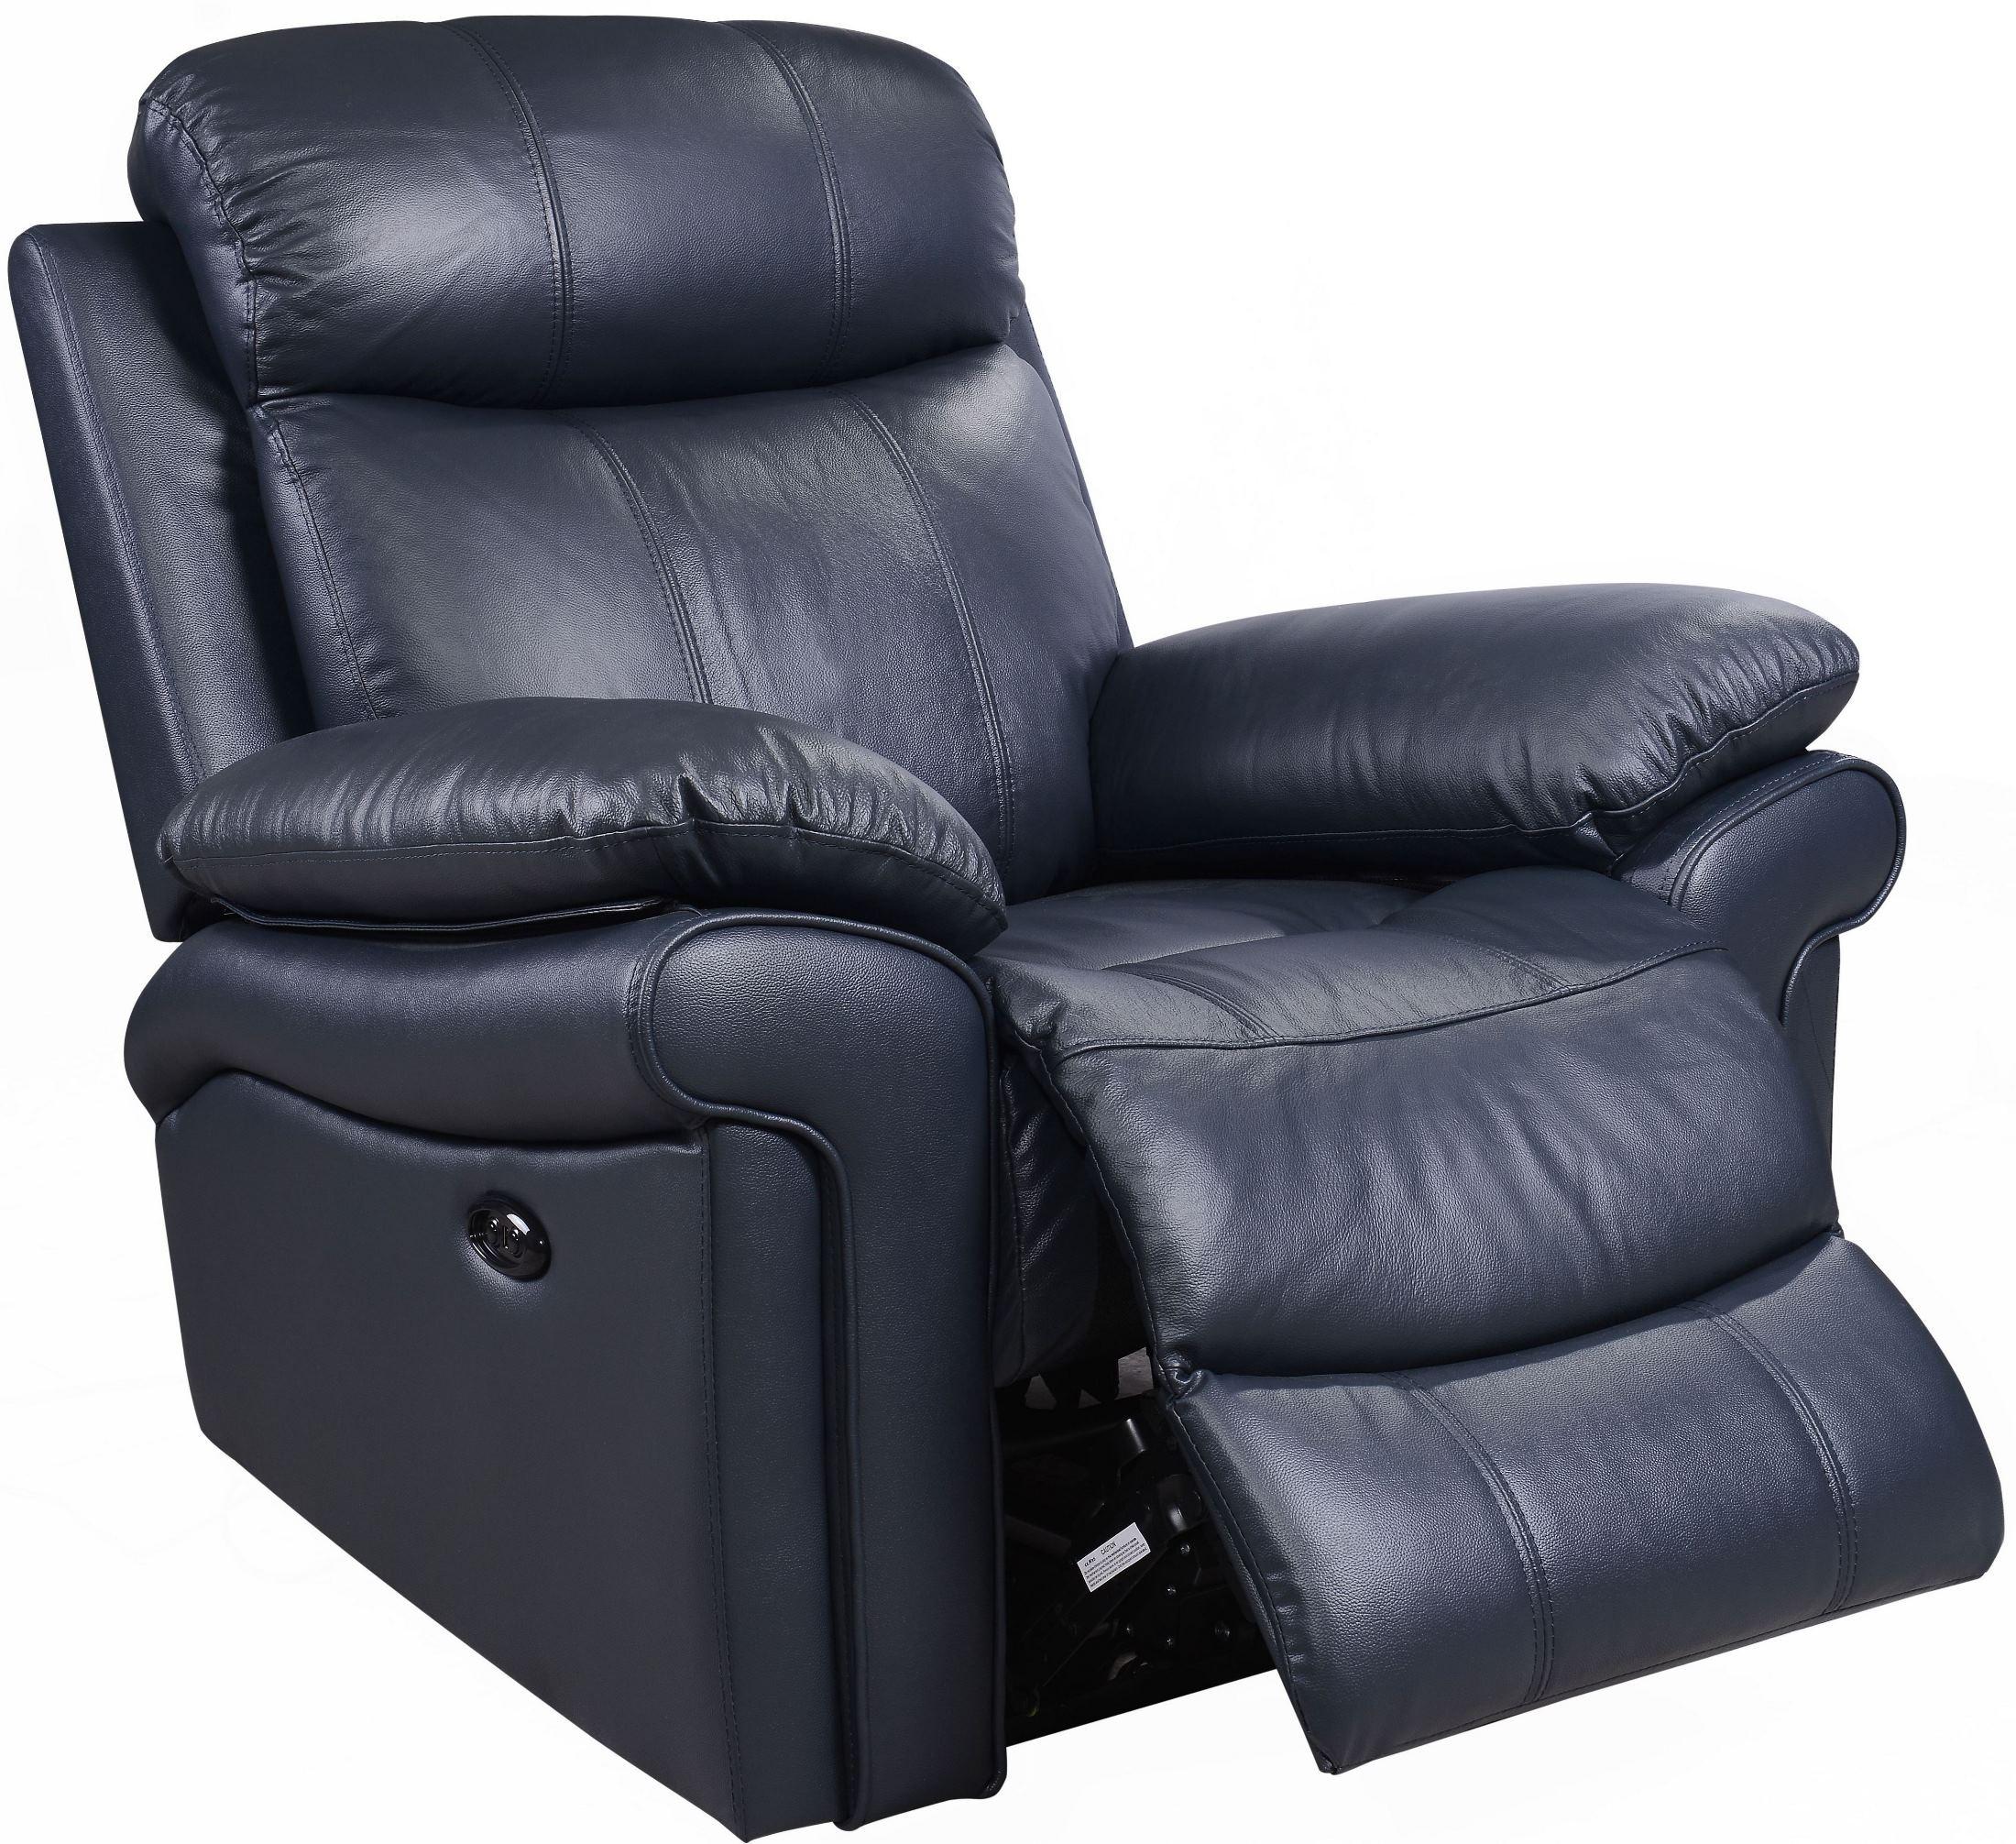 Shae Joplin Blue Leather Power Reclining Chair 1555 E2117